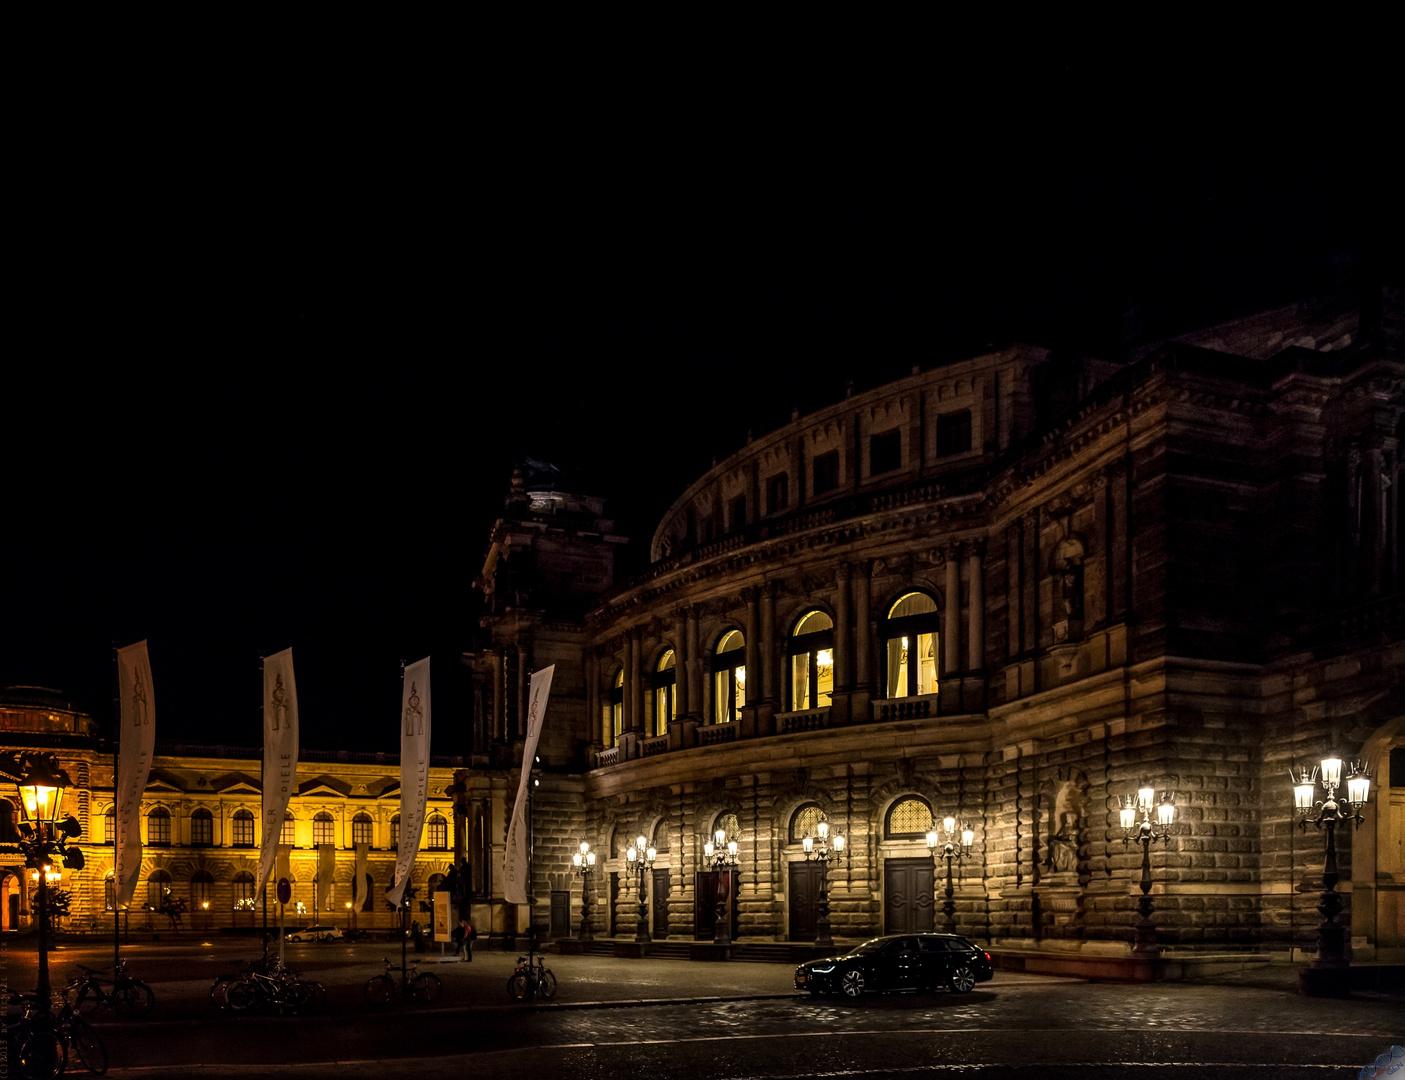 Nächtliche Oper